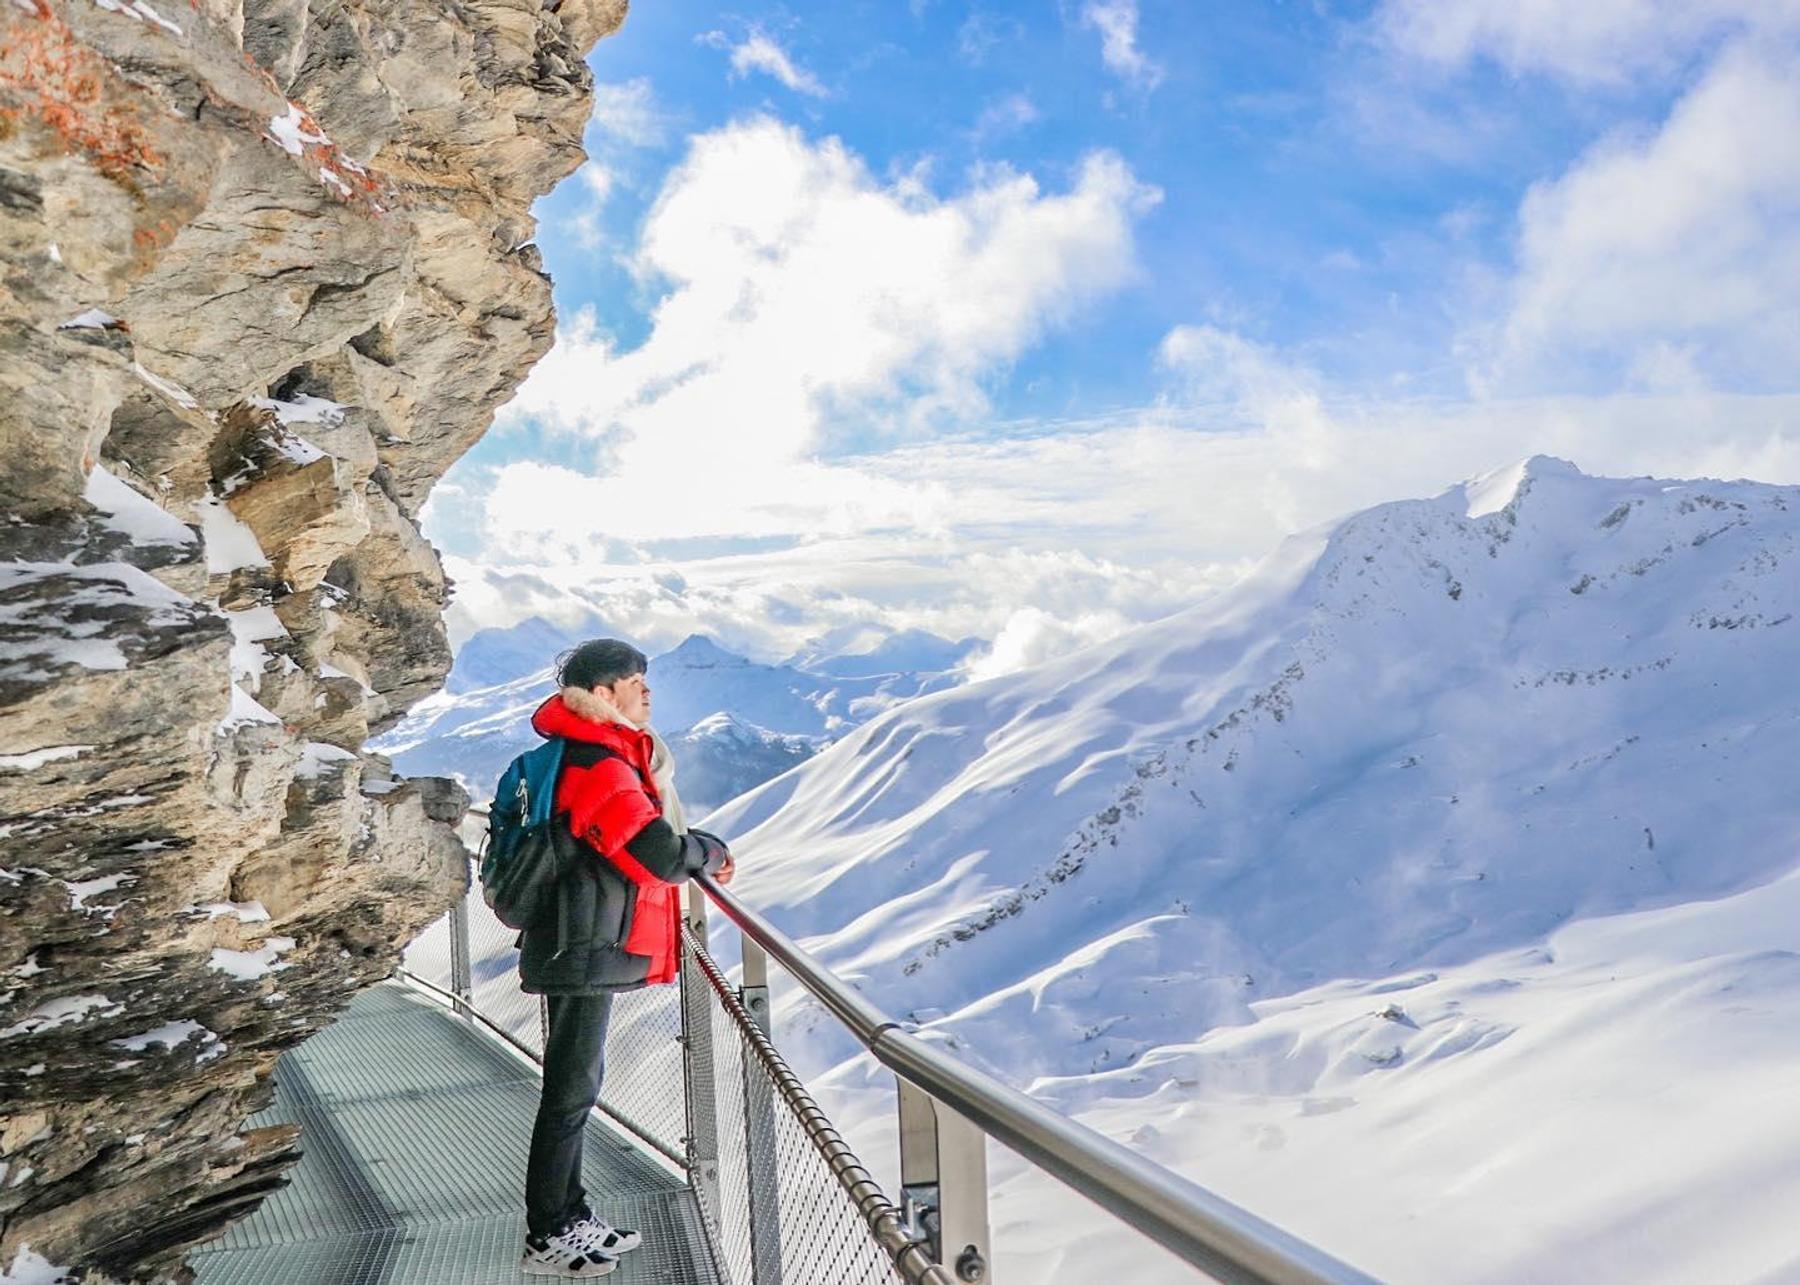 旅客在觀賞瑞士雪山